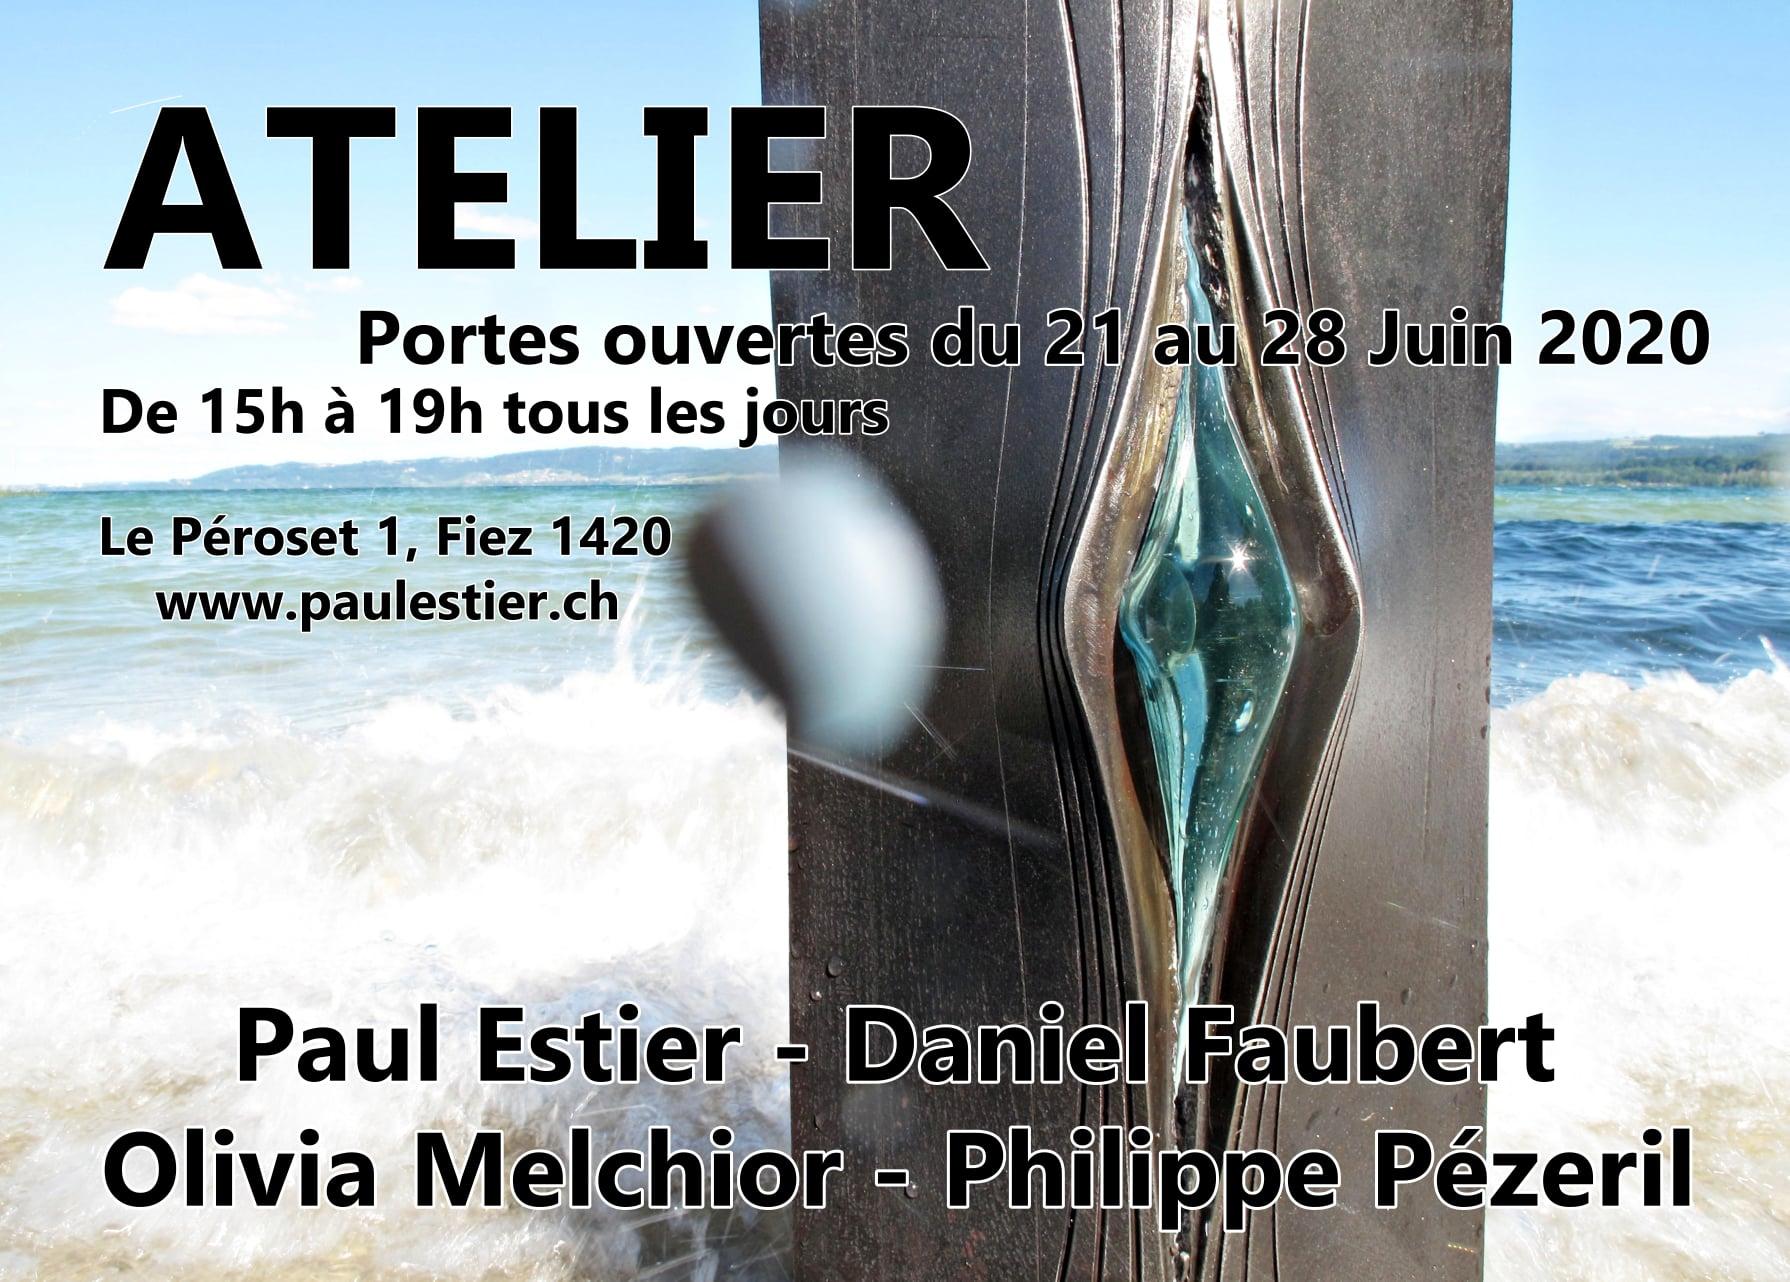 Paul Estier_2020_Portes ouvertes atelier